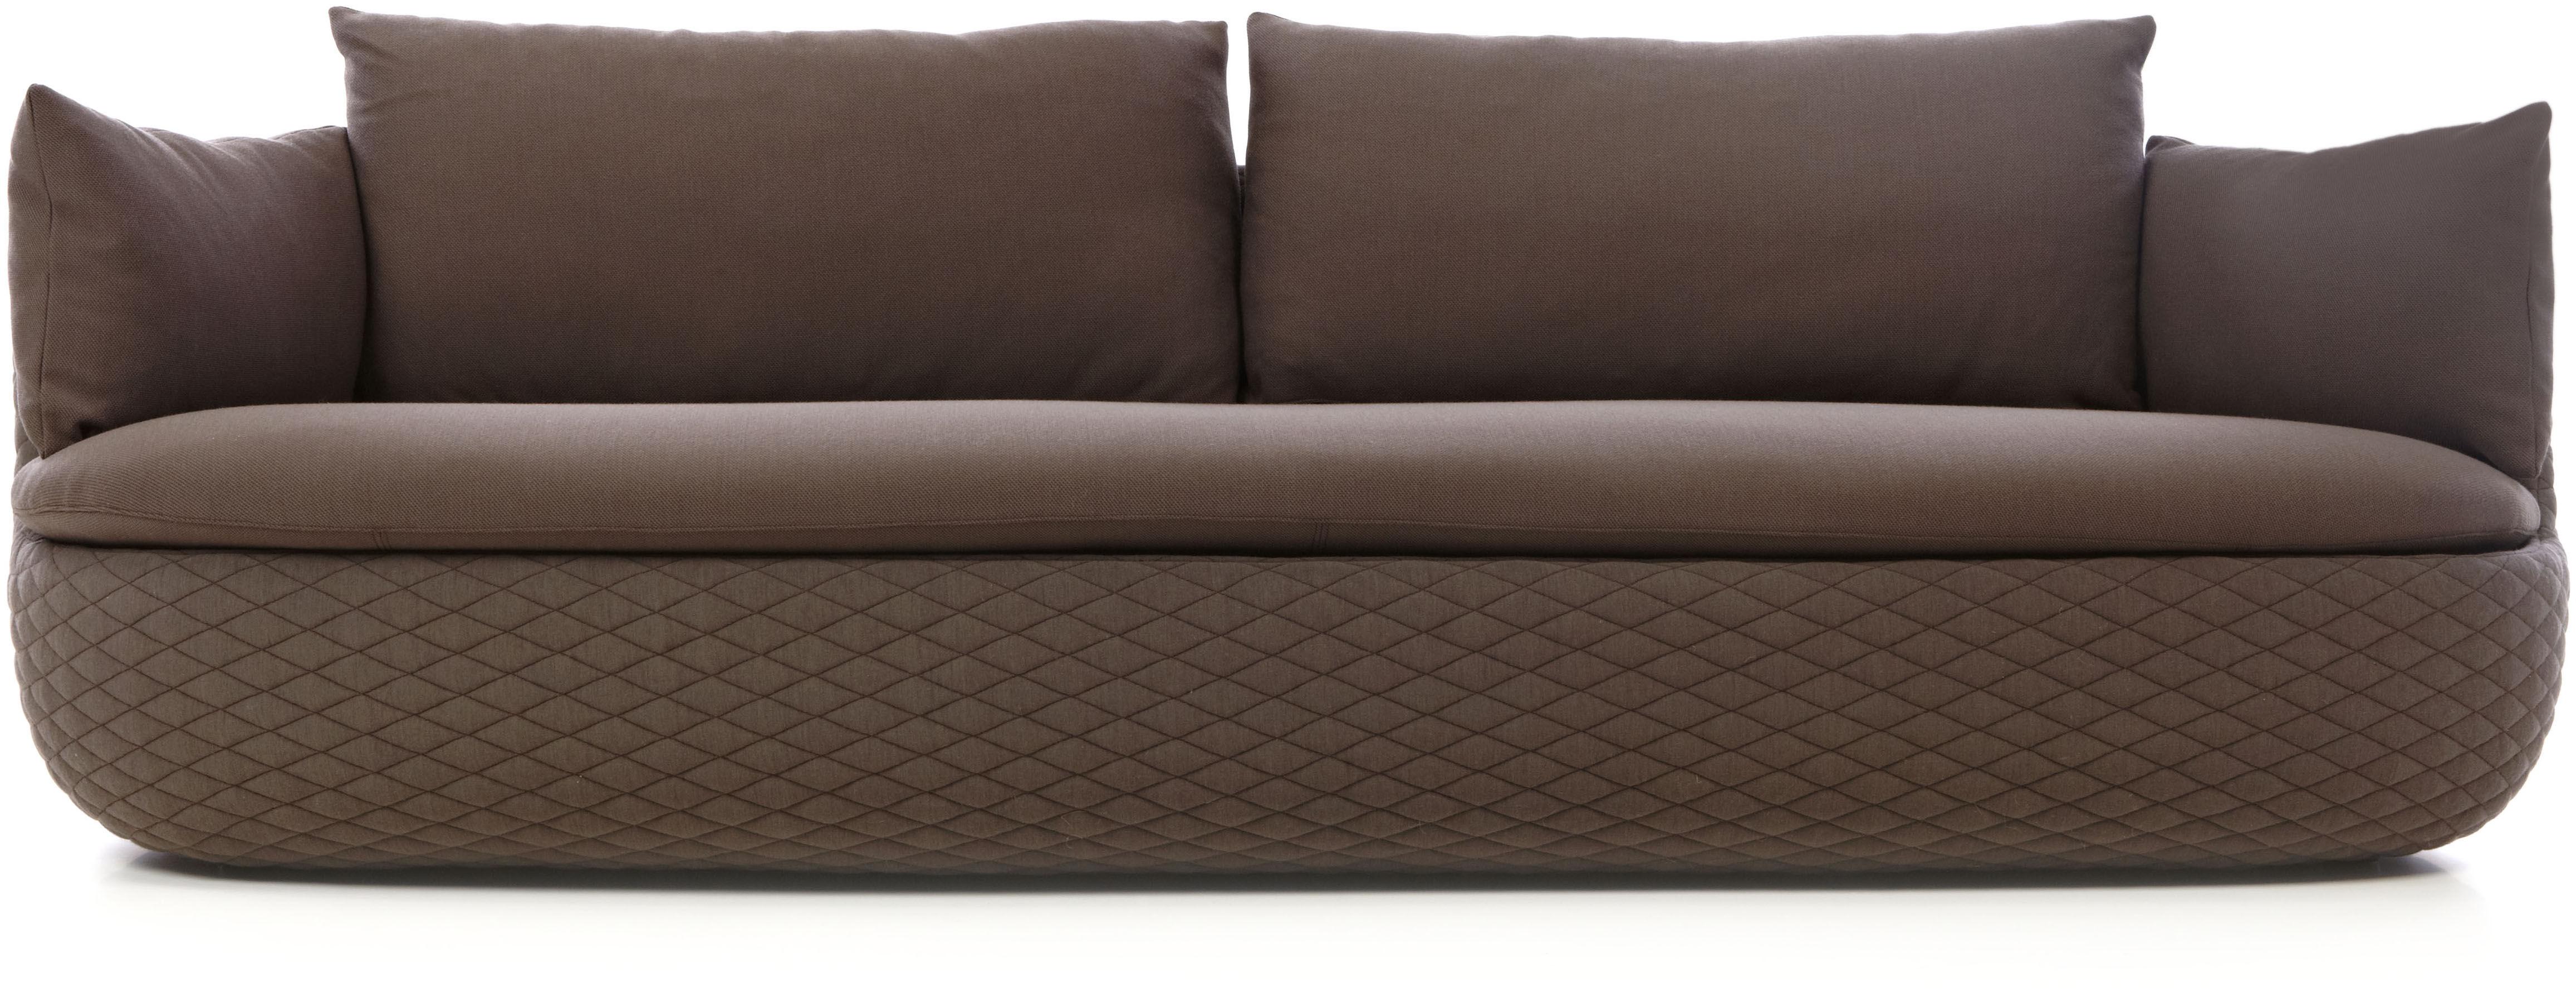 Mobilier - Canapés - Canapé droit Bart / L 235 cm - Tissu - Moooi - Tissu / Marron - Bois, Mousse, Tissu